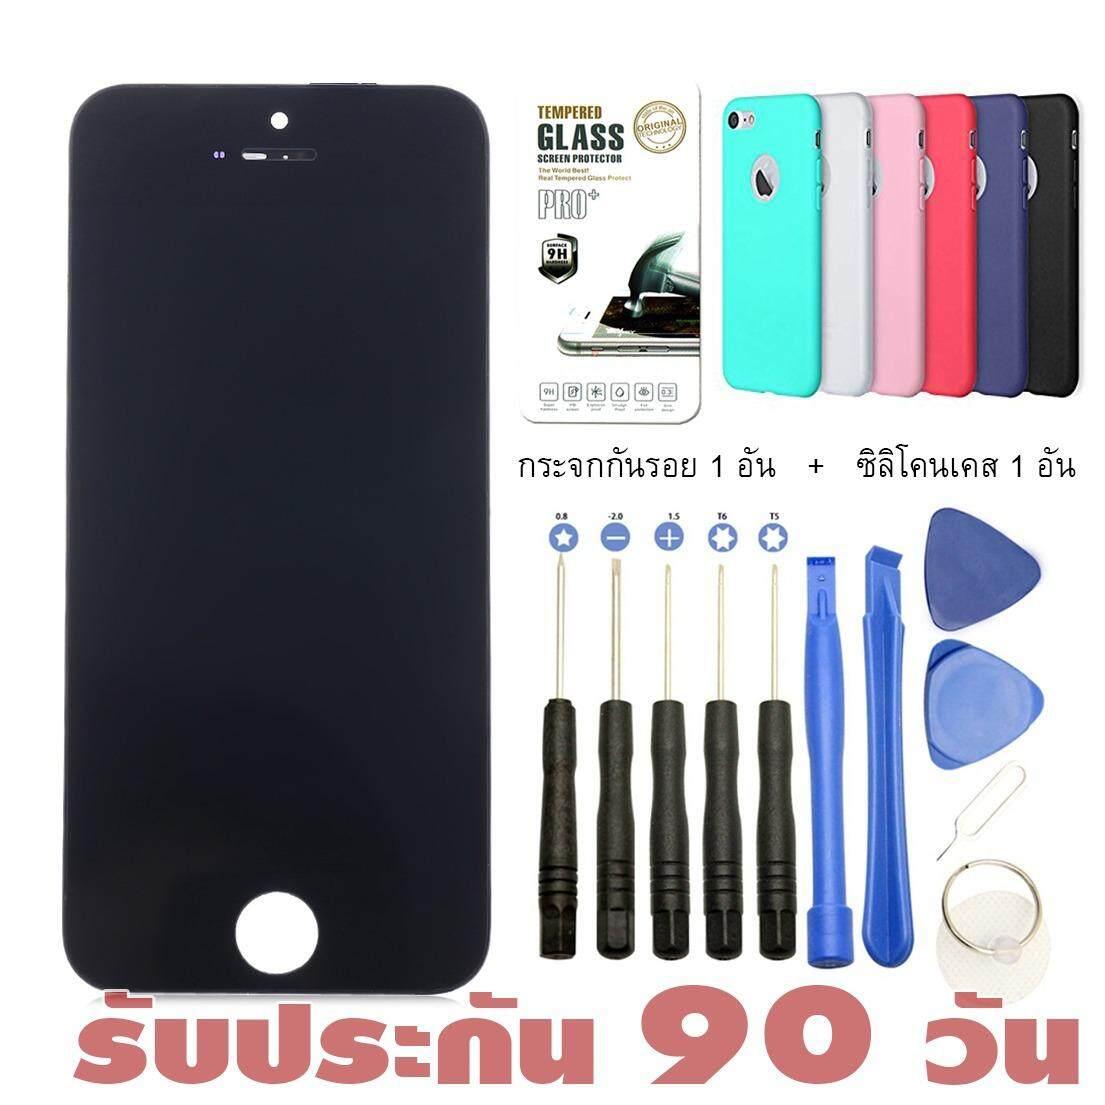 ประกัน 90 วัน หน้าจอไอโฟน 5 ทัสกรีน Phone 5 Lcd ใน กรุงเทพมหานคร